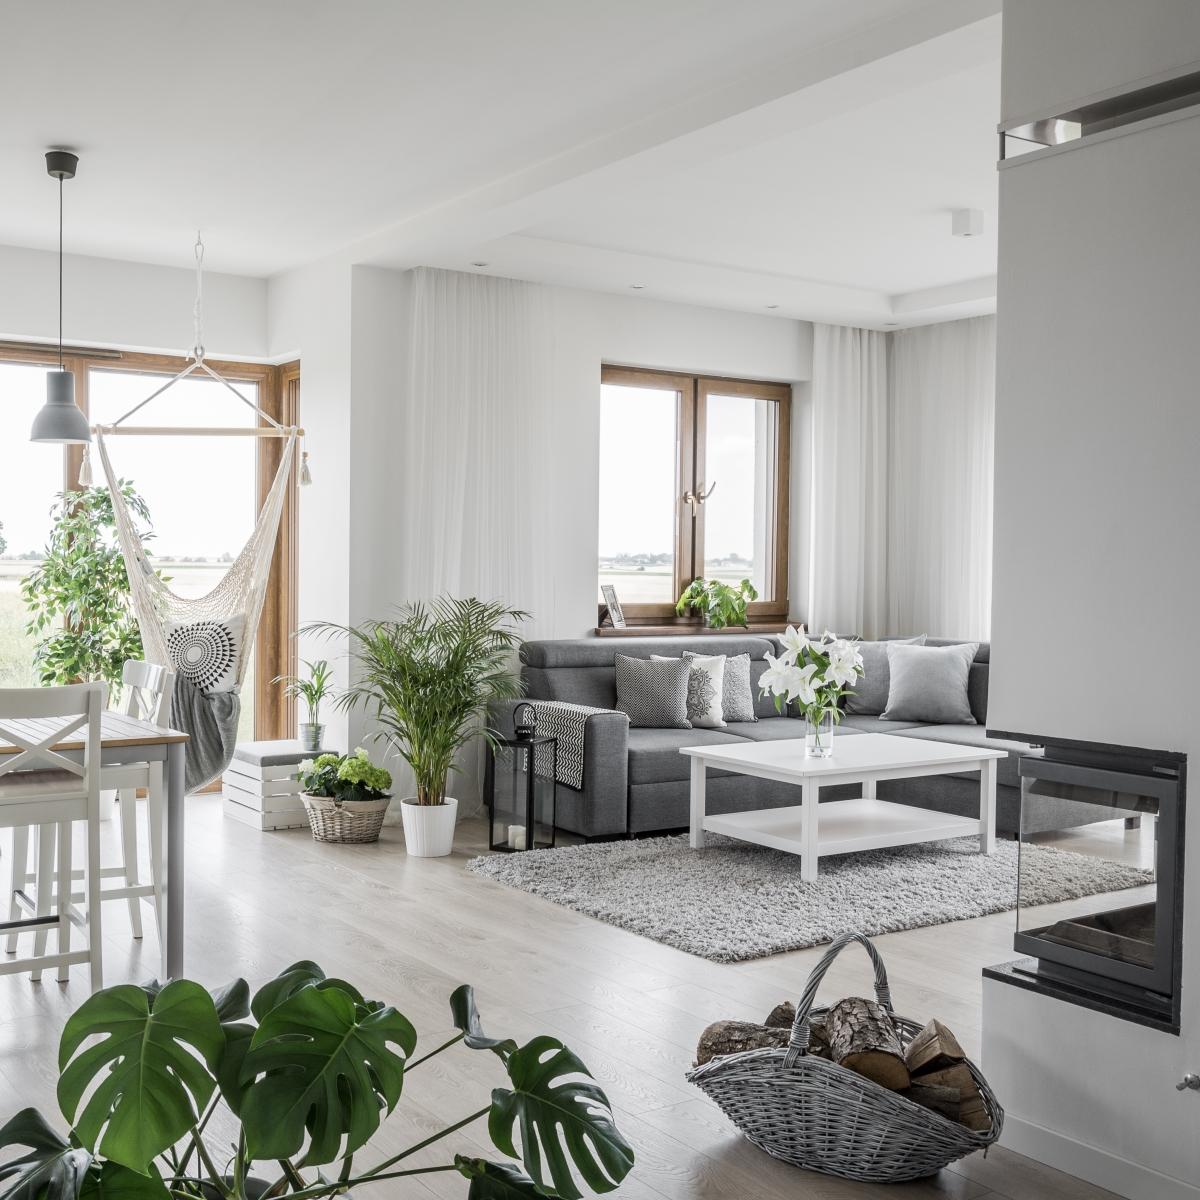 Salon z minimalistycznym kominkiem narożnym, wbudowanym w ścianę | Źródło @tam_i _tu